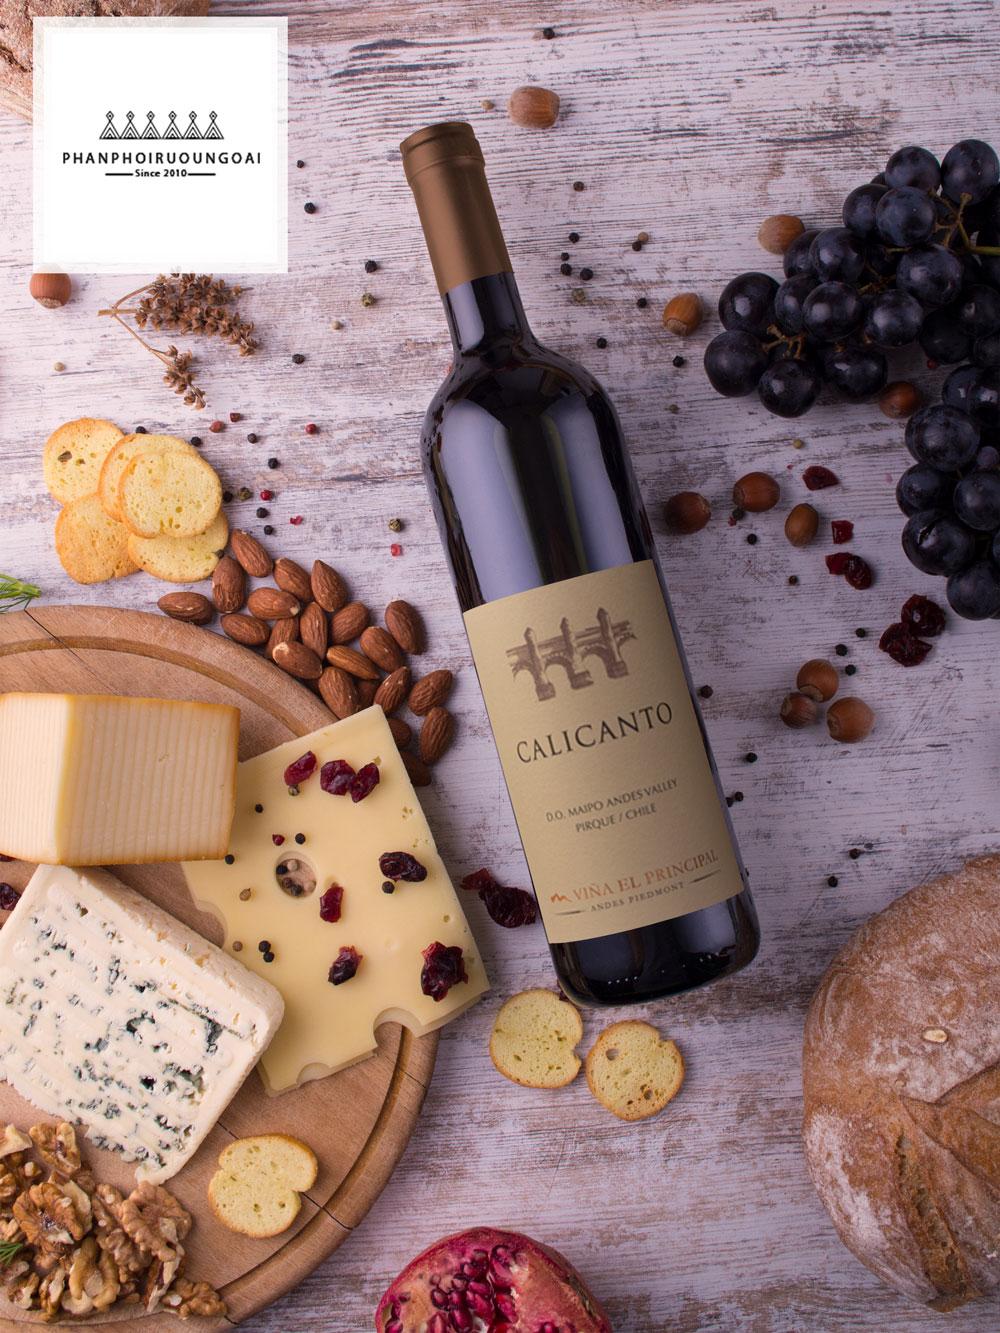 Rượu Calicanto đến từ Chile